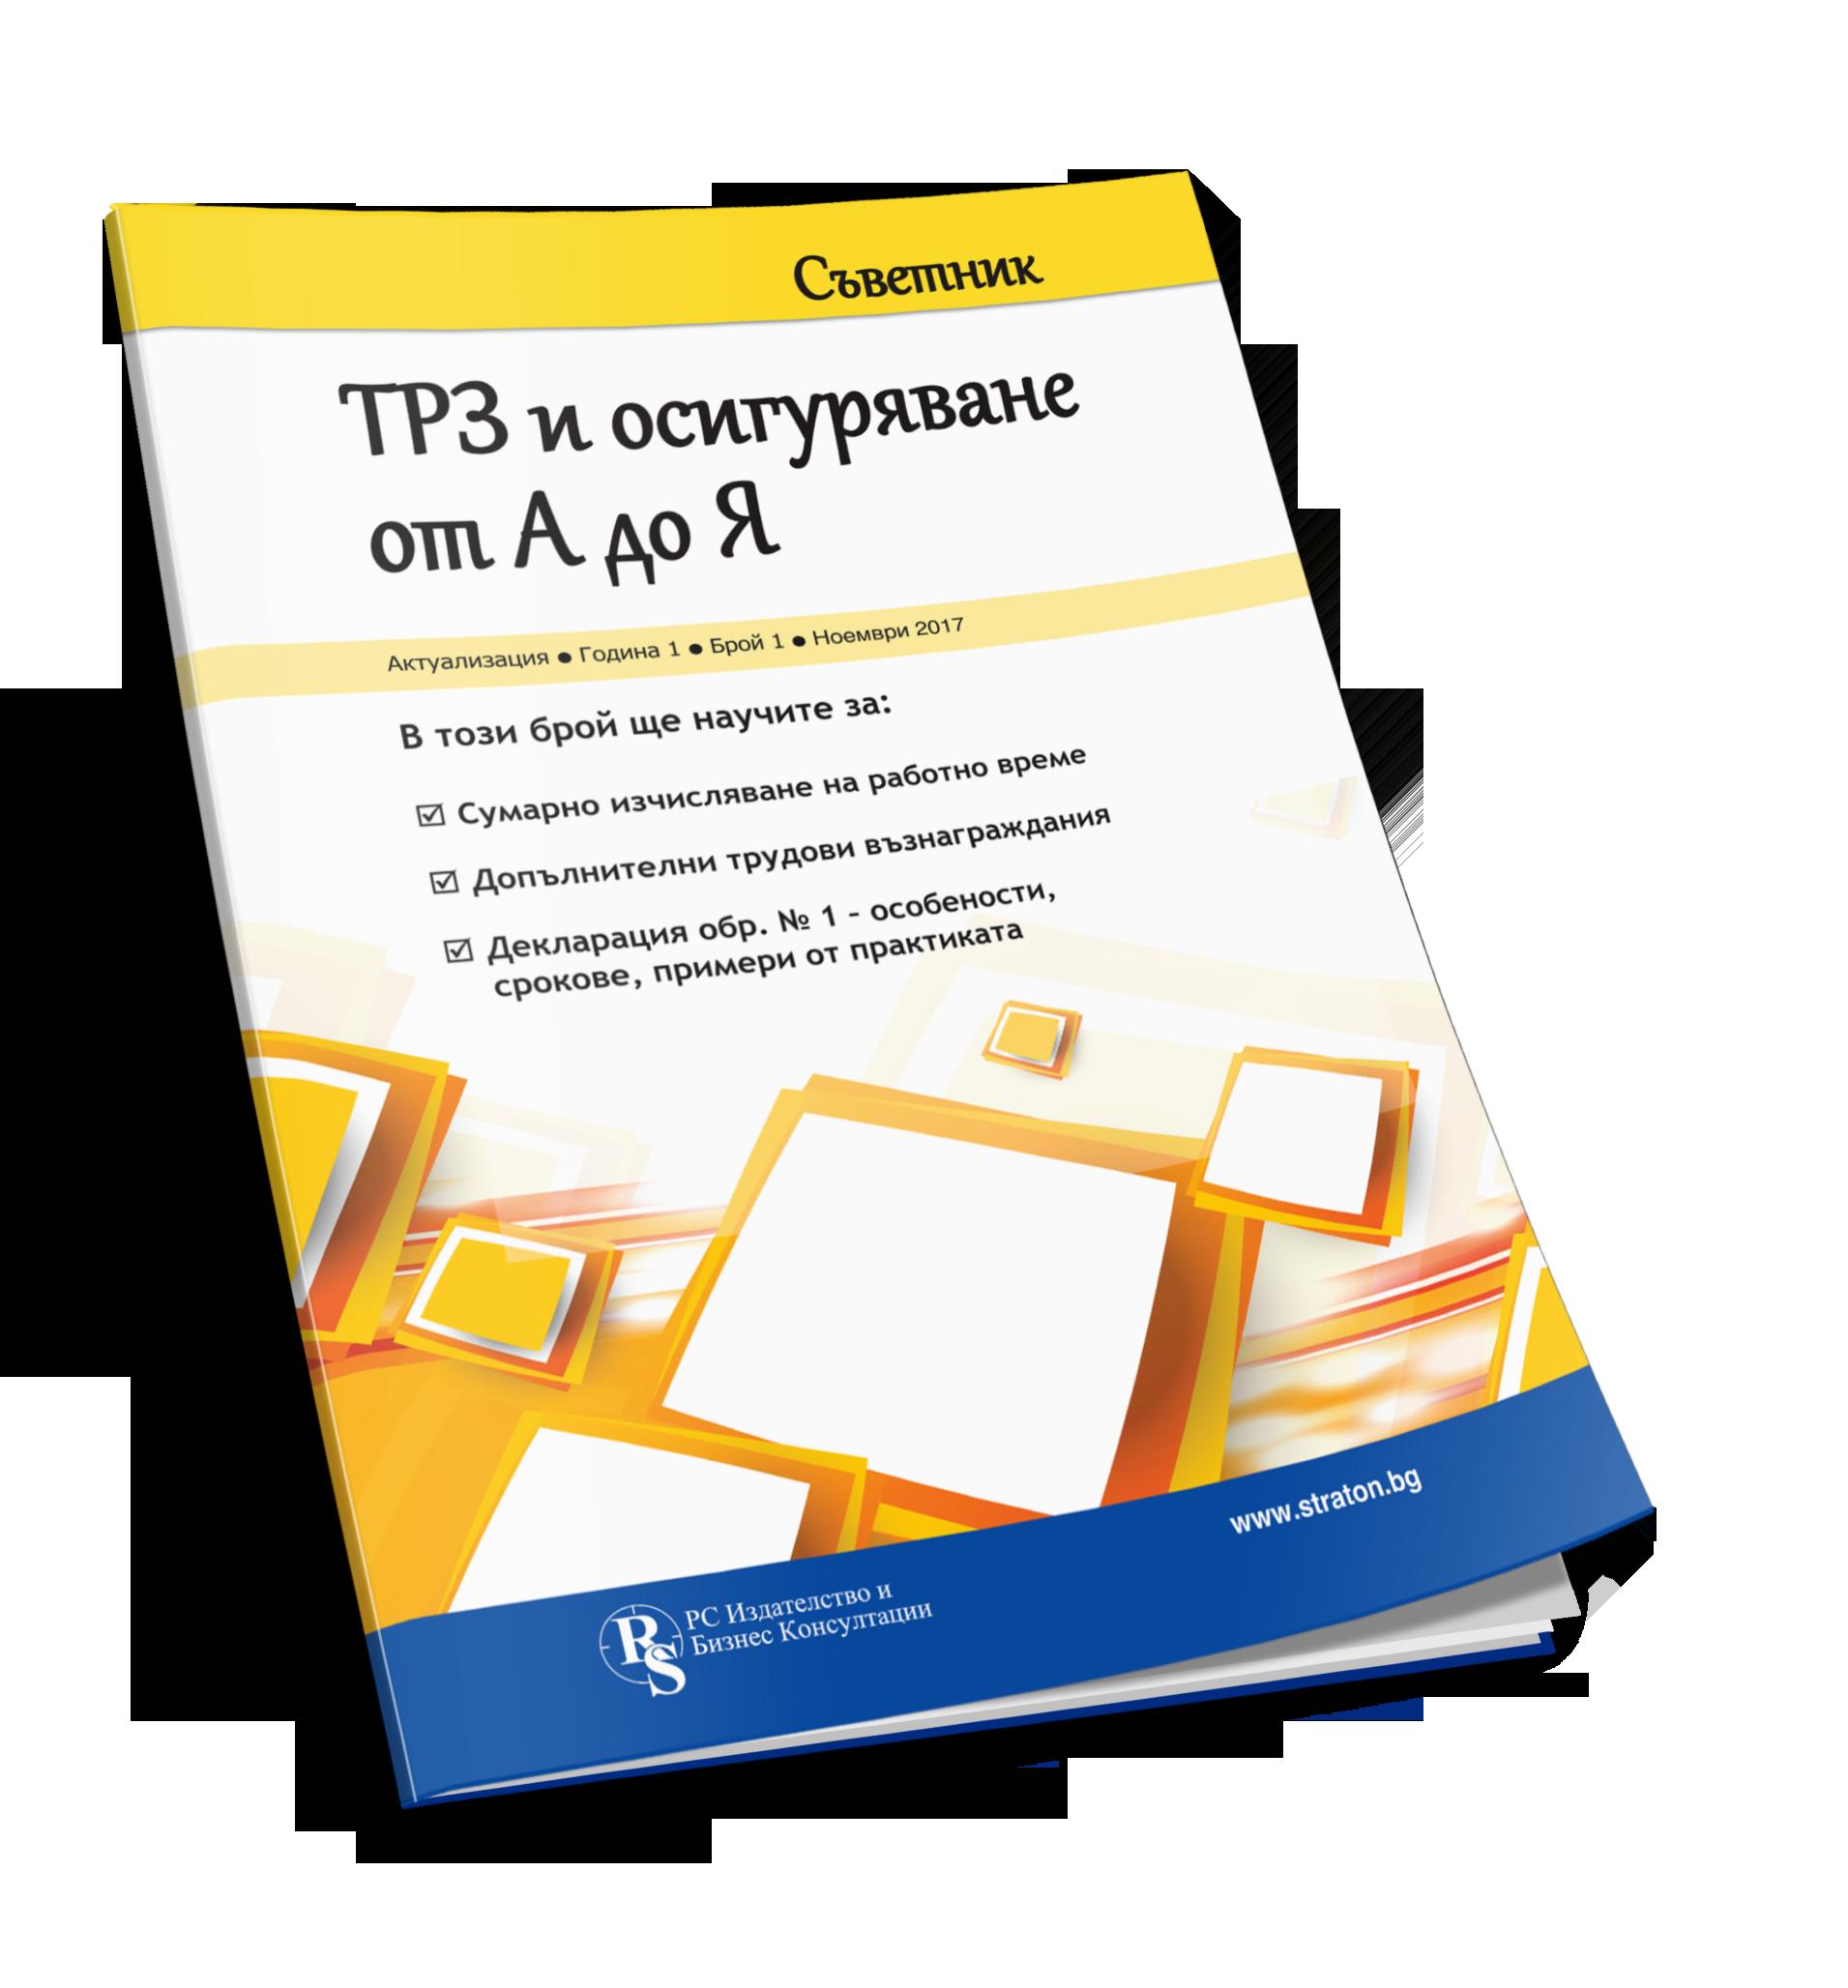 Съветник: ТРЗ и осигуряване от А до Я - бр. 2 декември 2017 г.